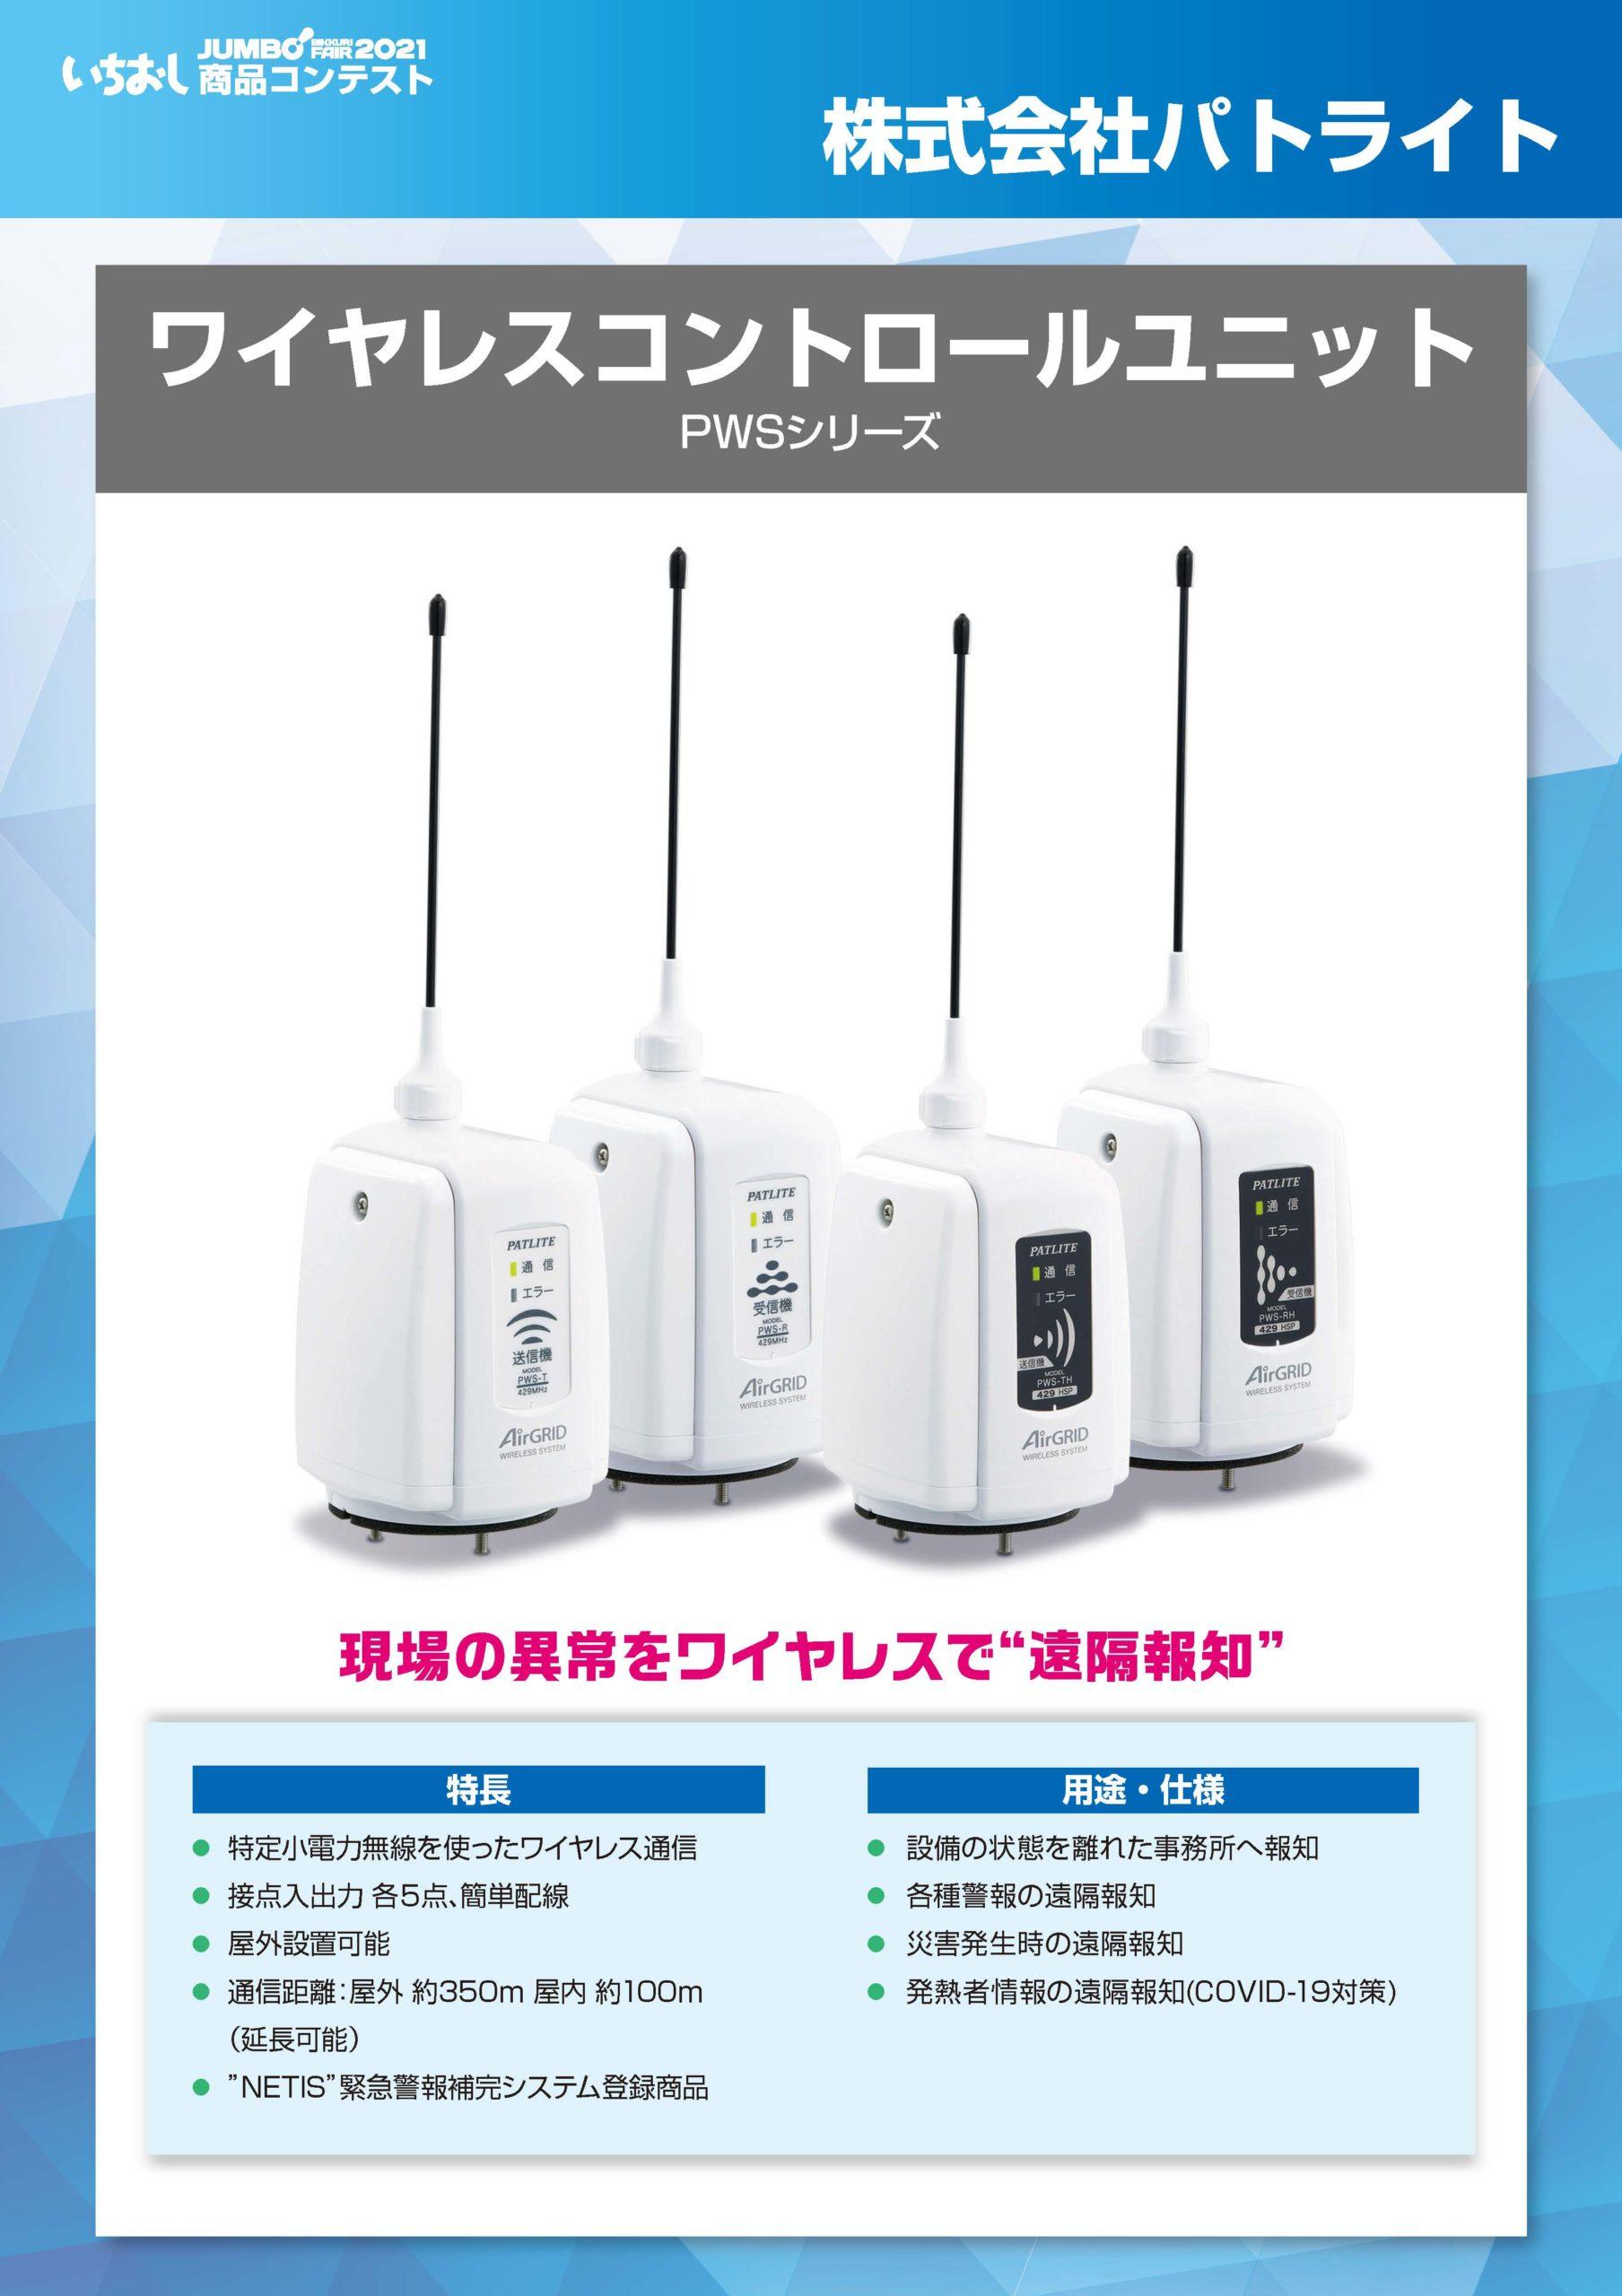 「ワイヤレスコントロールユニット」株式会社パトライトの画像